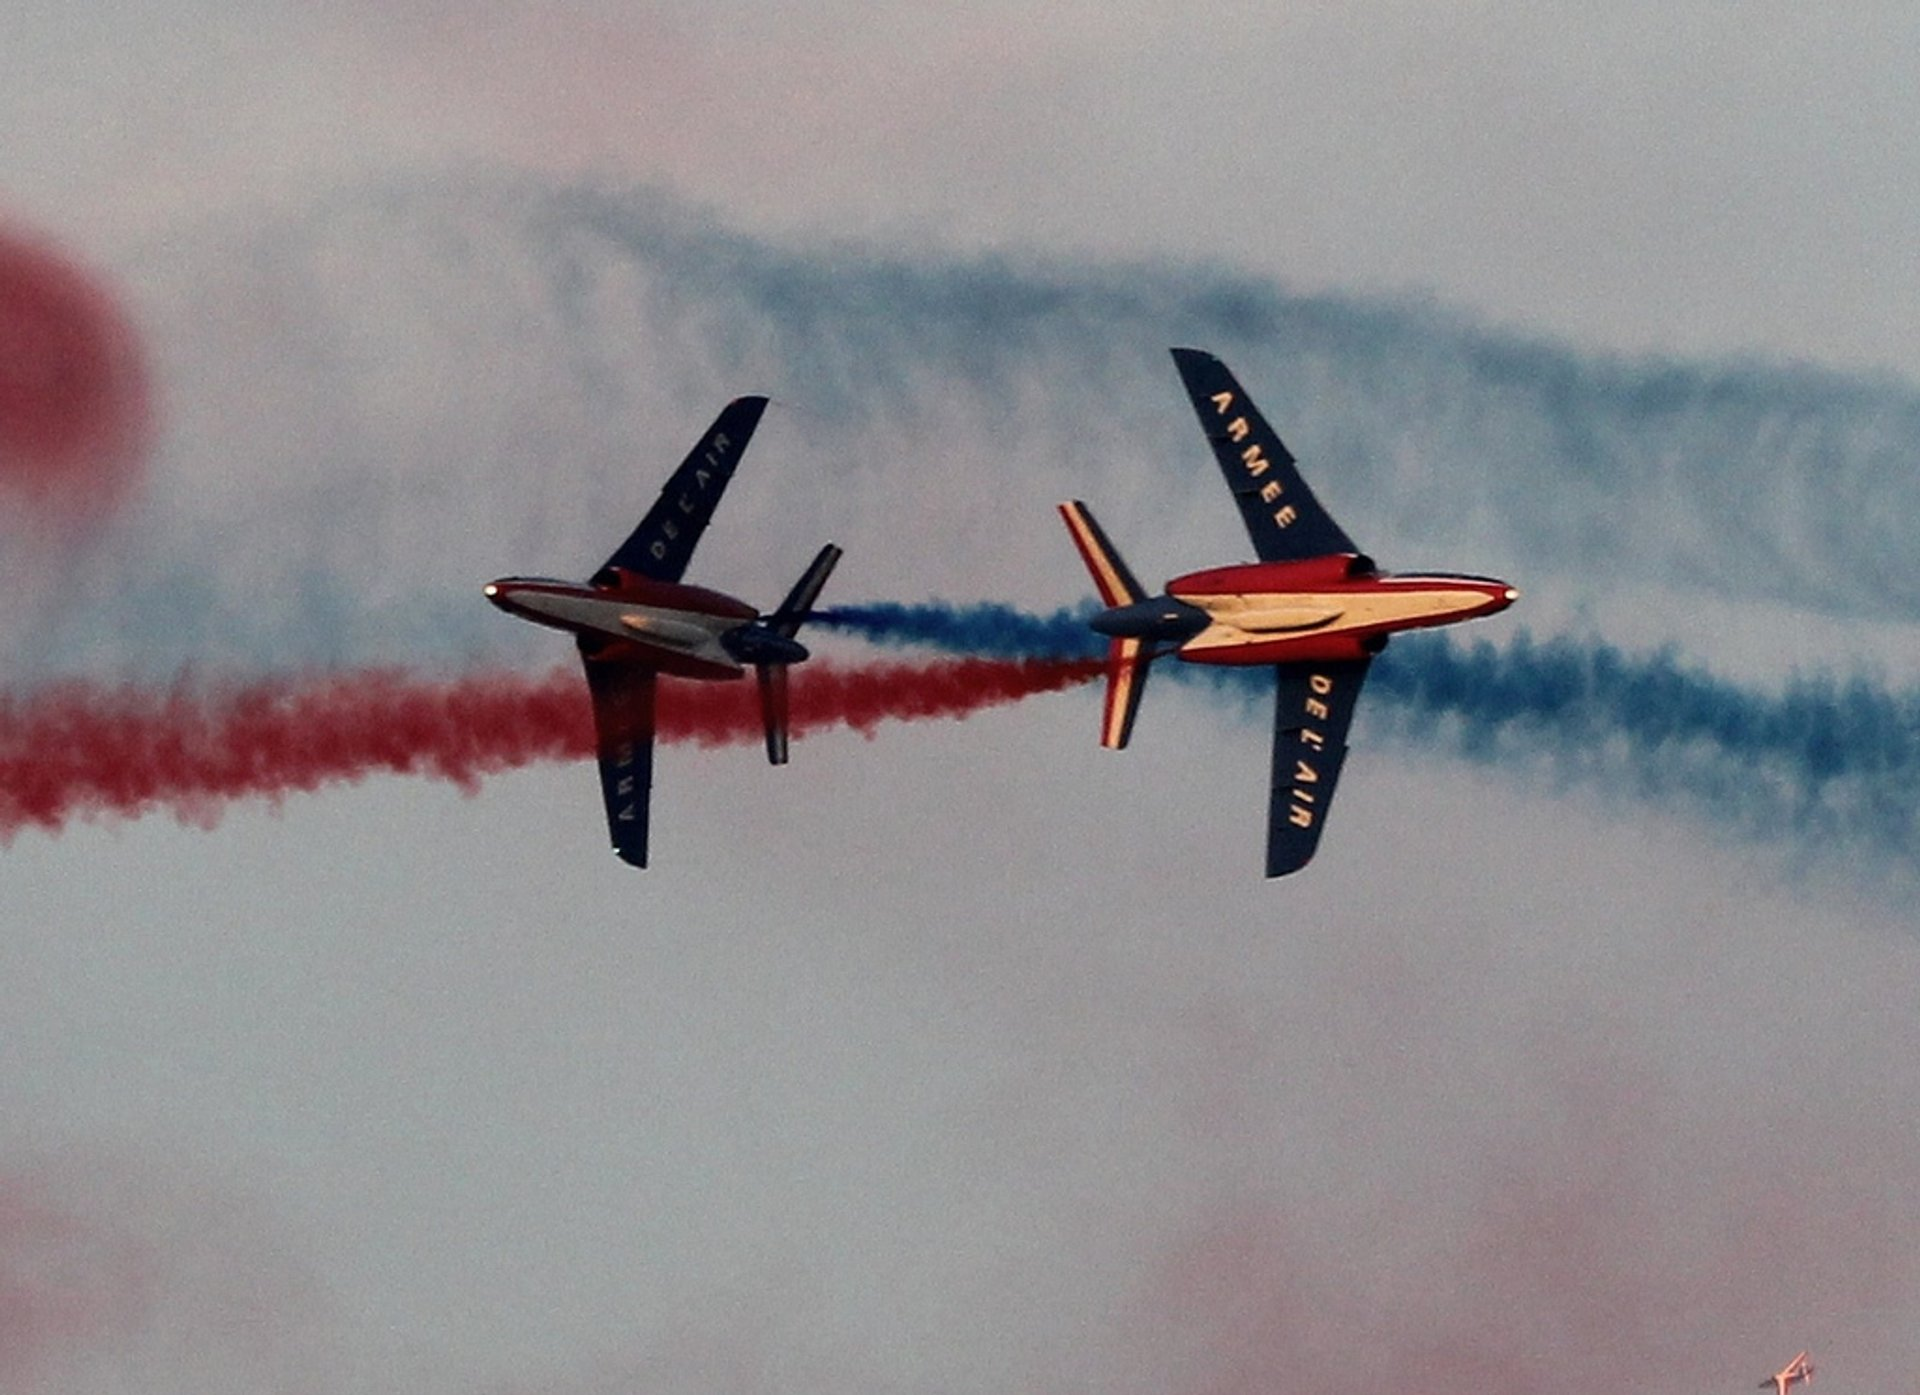 Dubai Airshow in Dubai - Best Season 2019